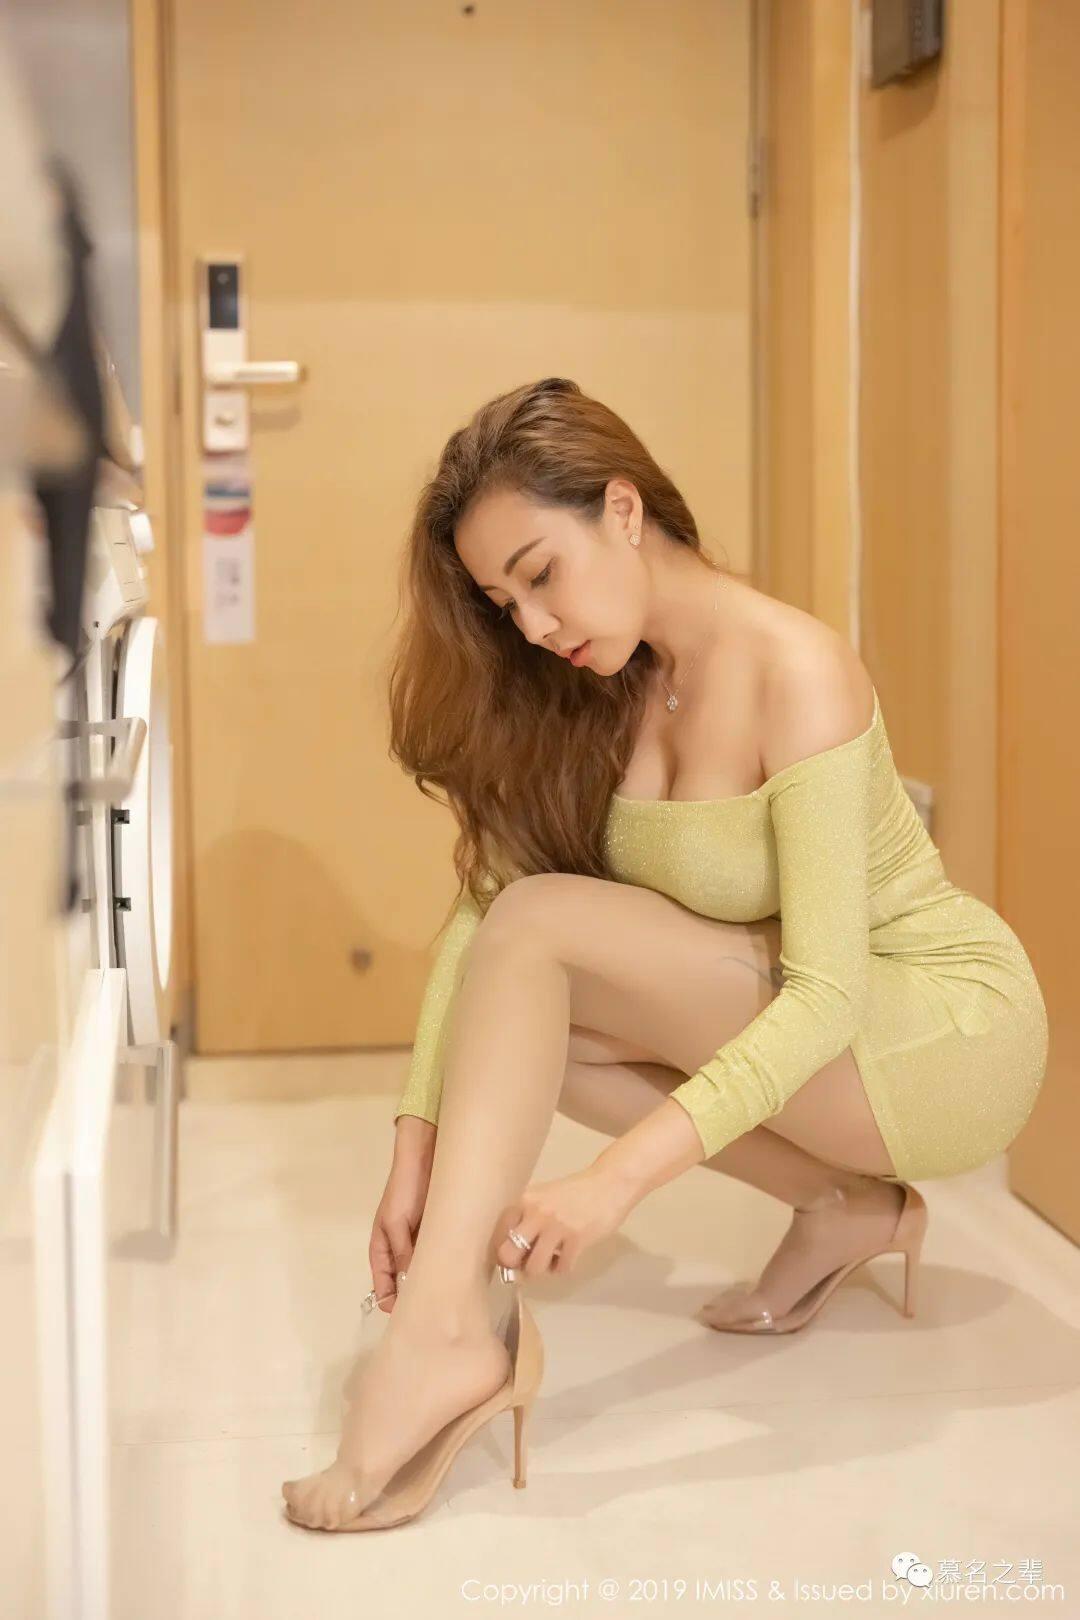 私房模特写真——松果儿Victoria(F罩杯)12